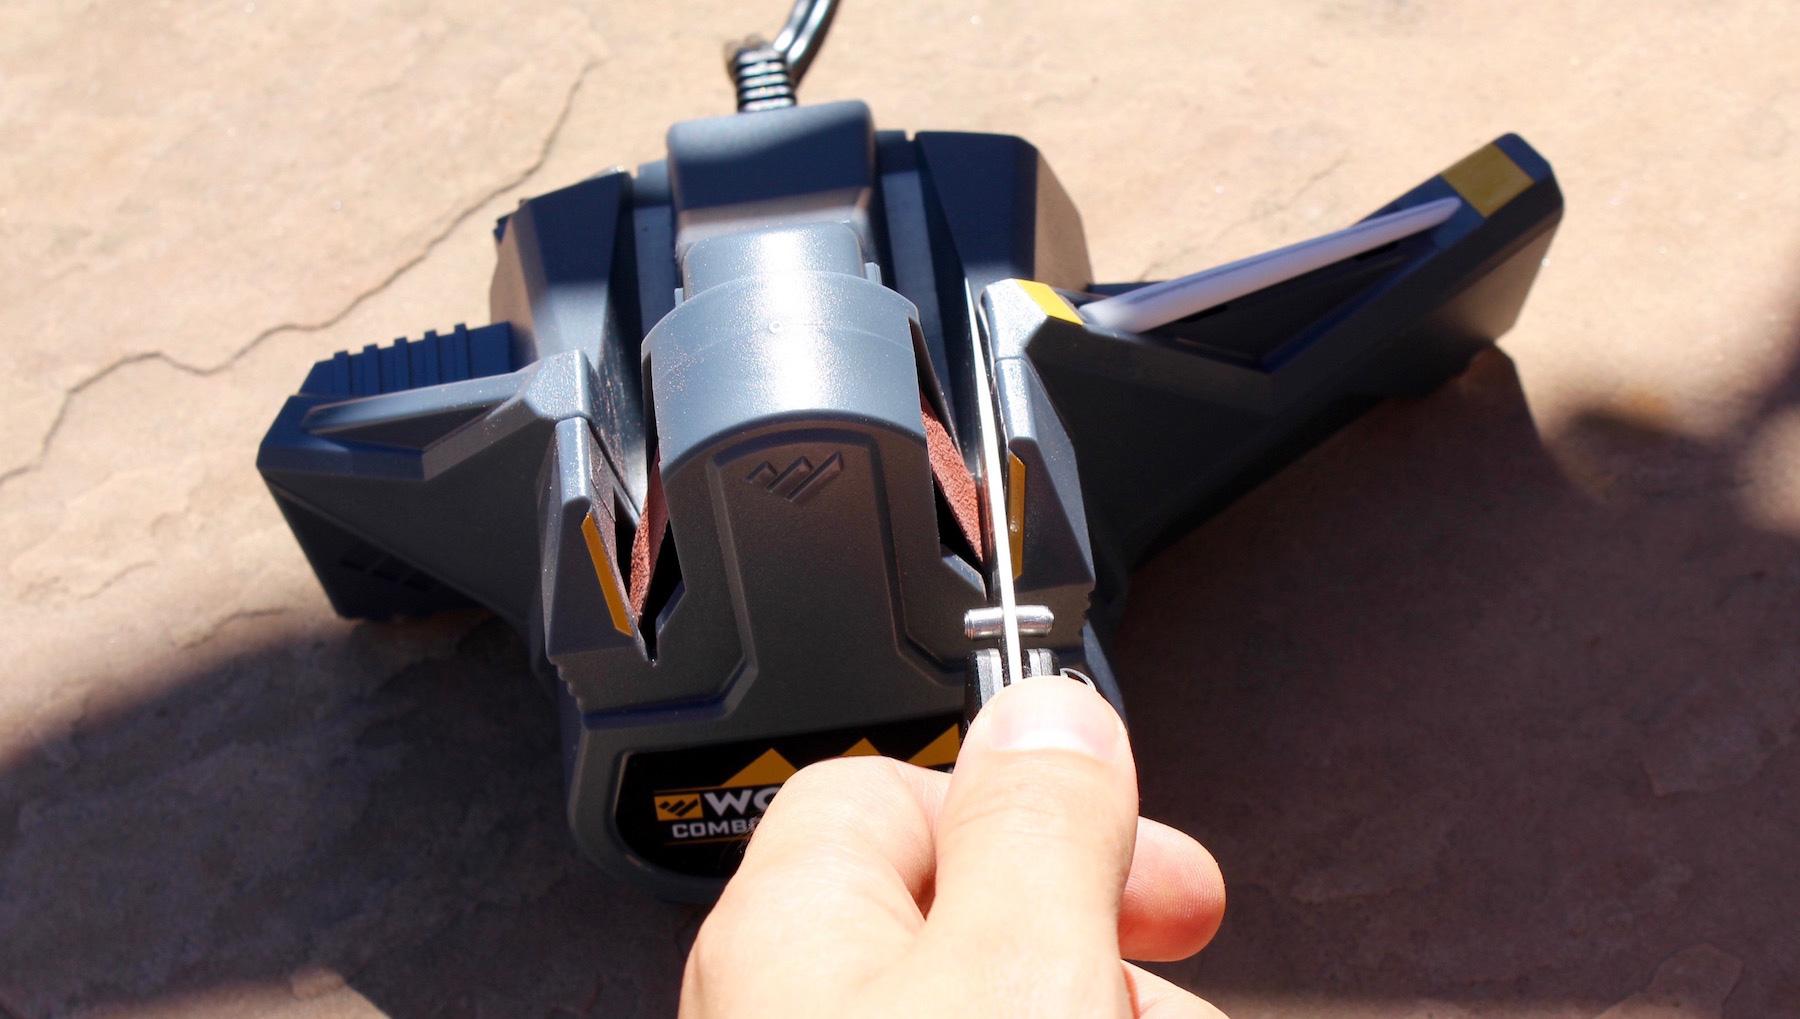 ws-combo-knife-sharpener-pull-through